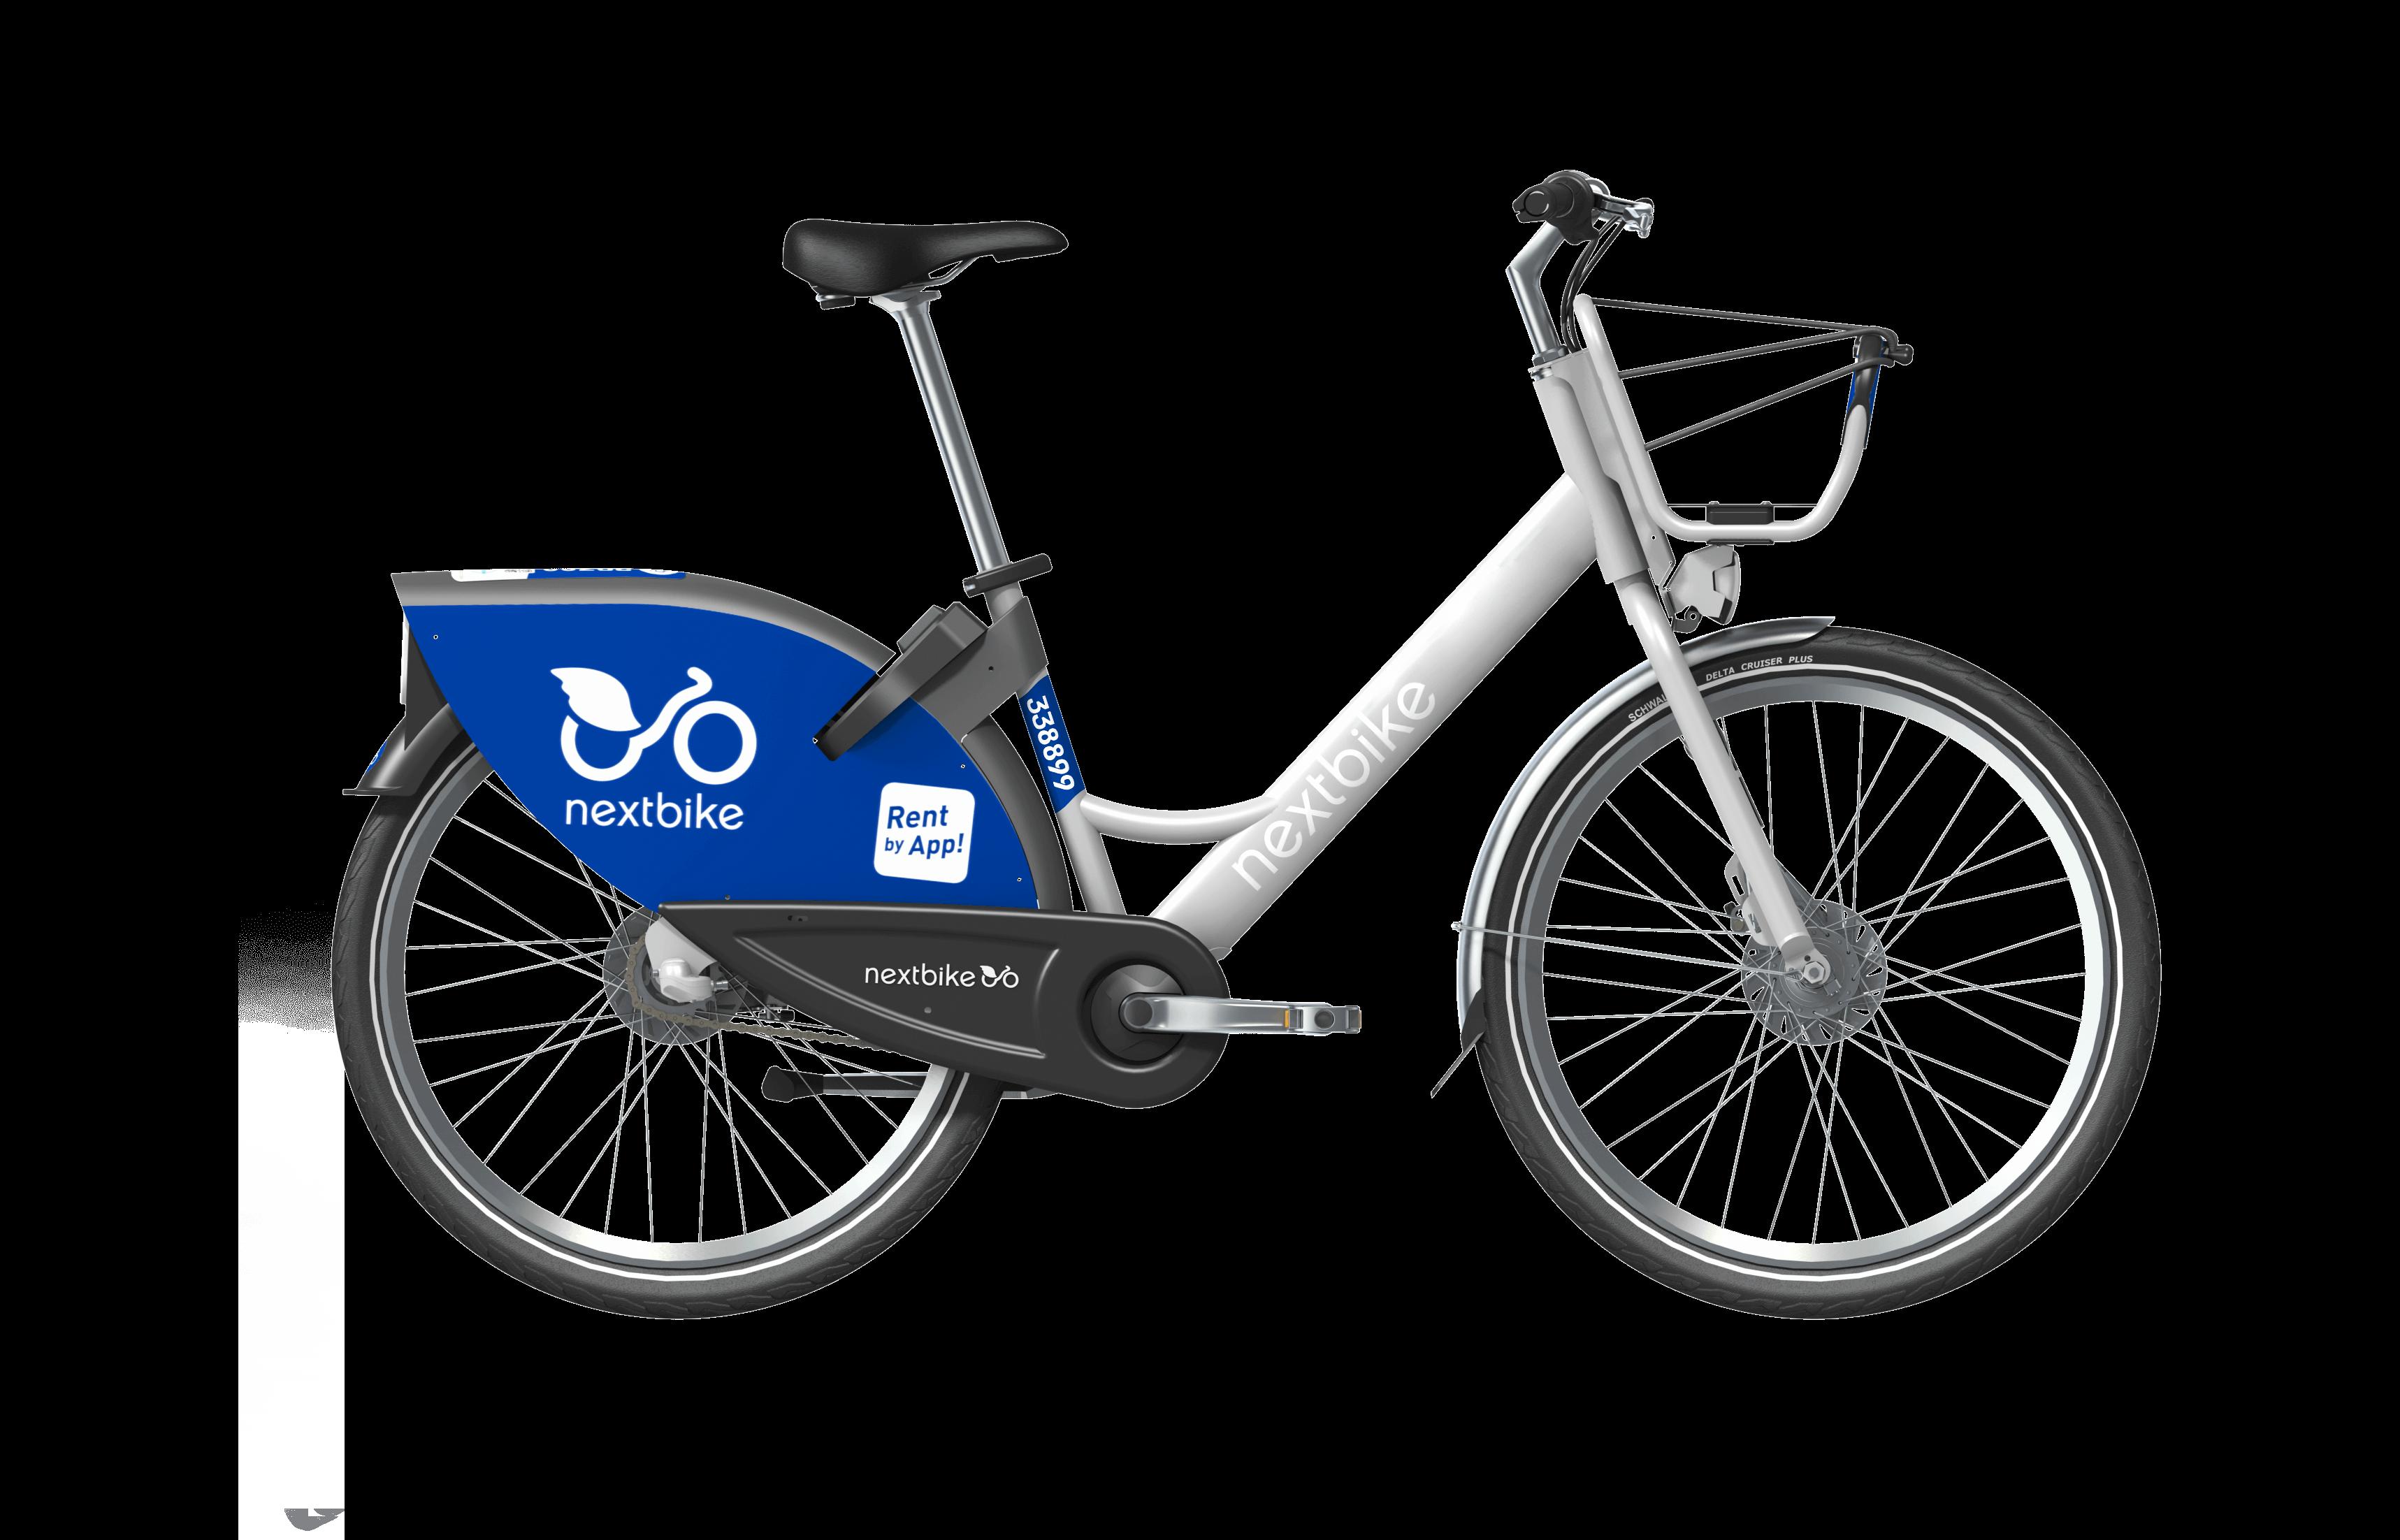 smartbike 2.0 seitenansicht